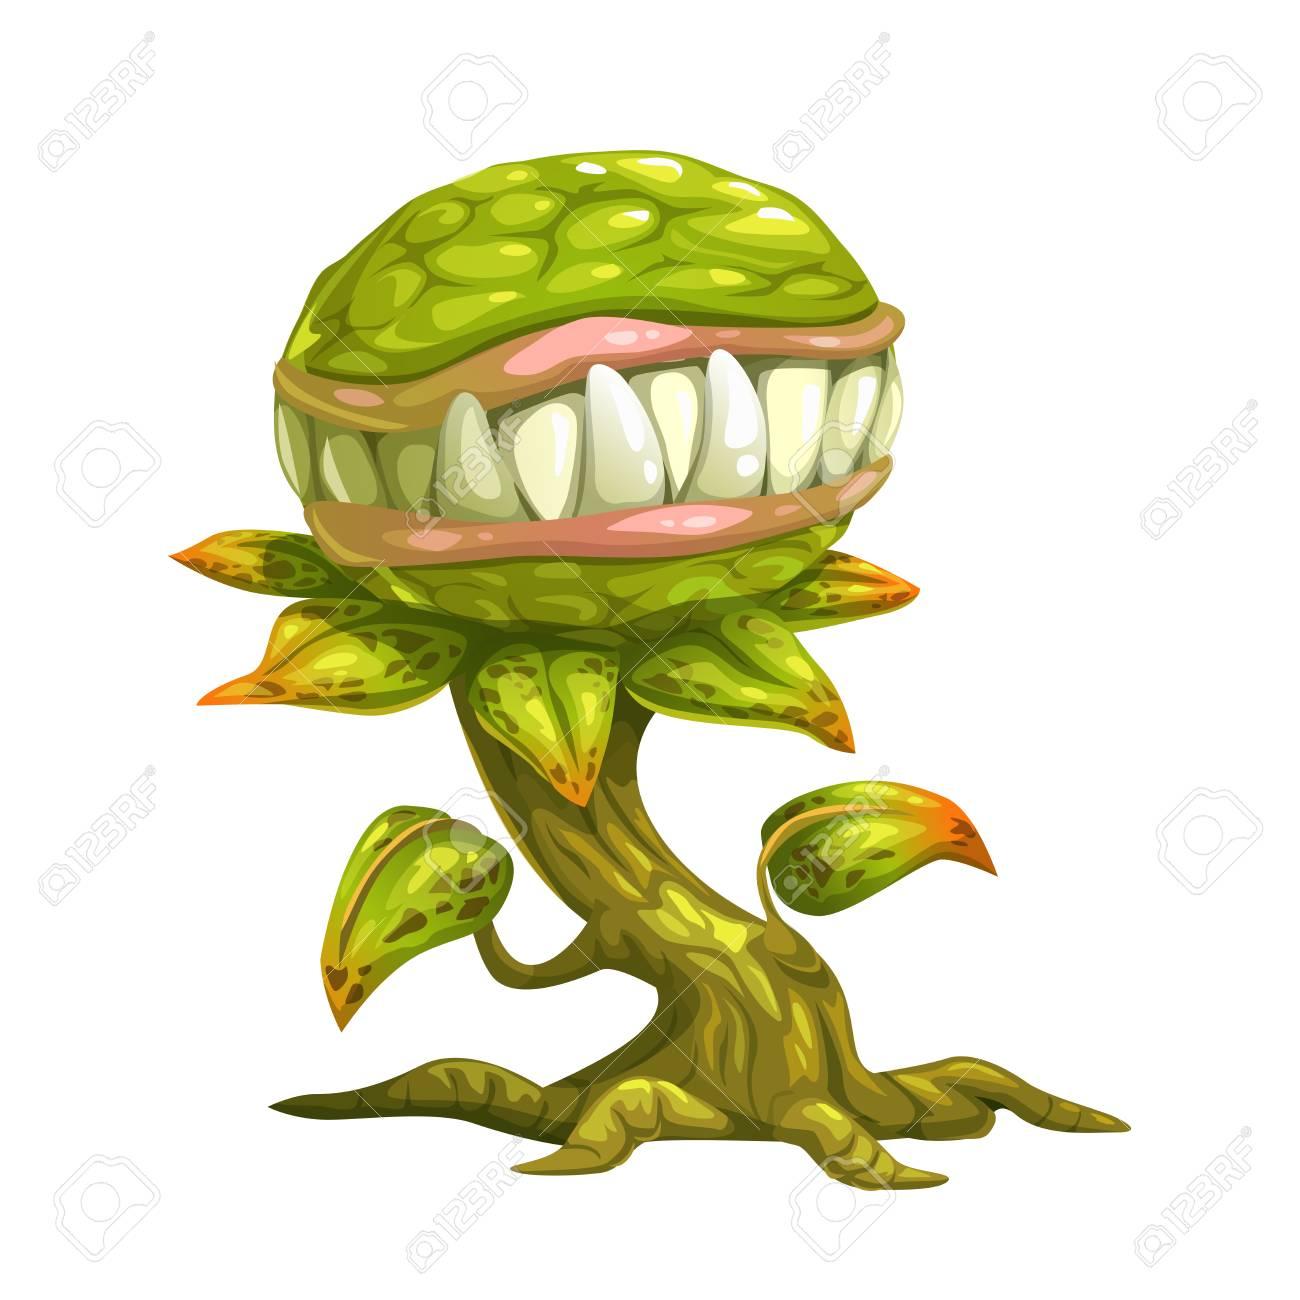 Monster plant illustration. - 75436352